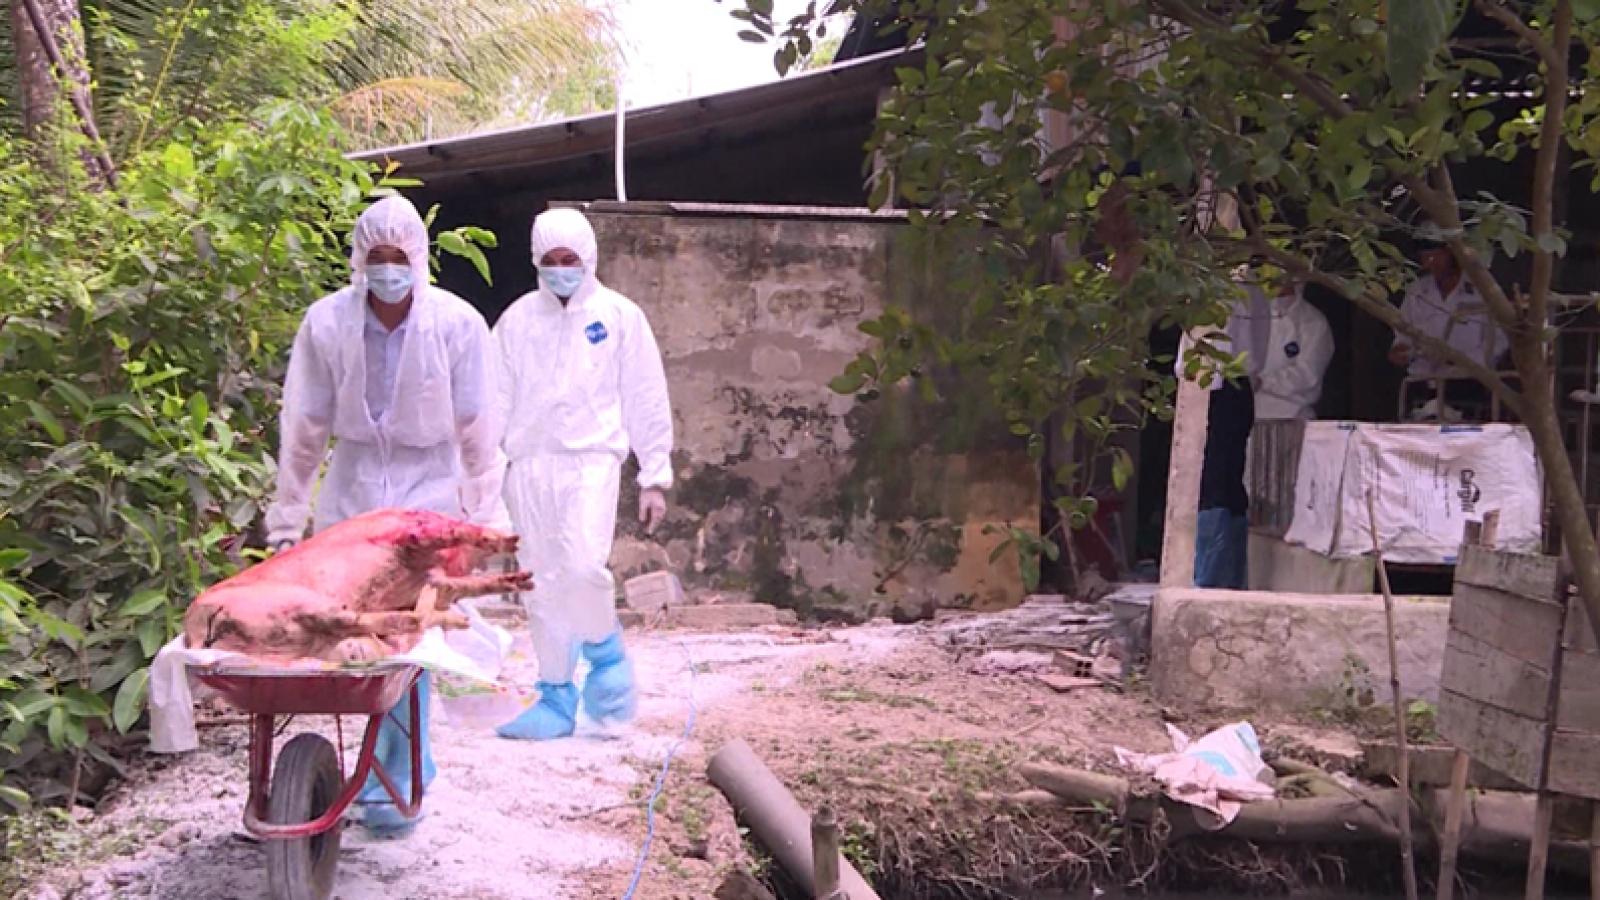 Fresh outbreak of African swine fever detected in Hau Giang